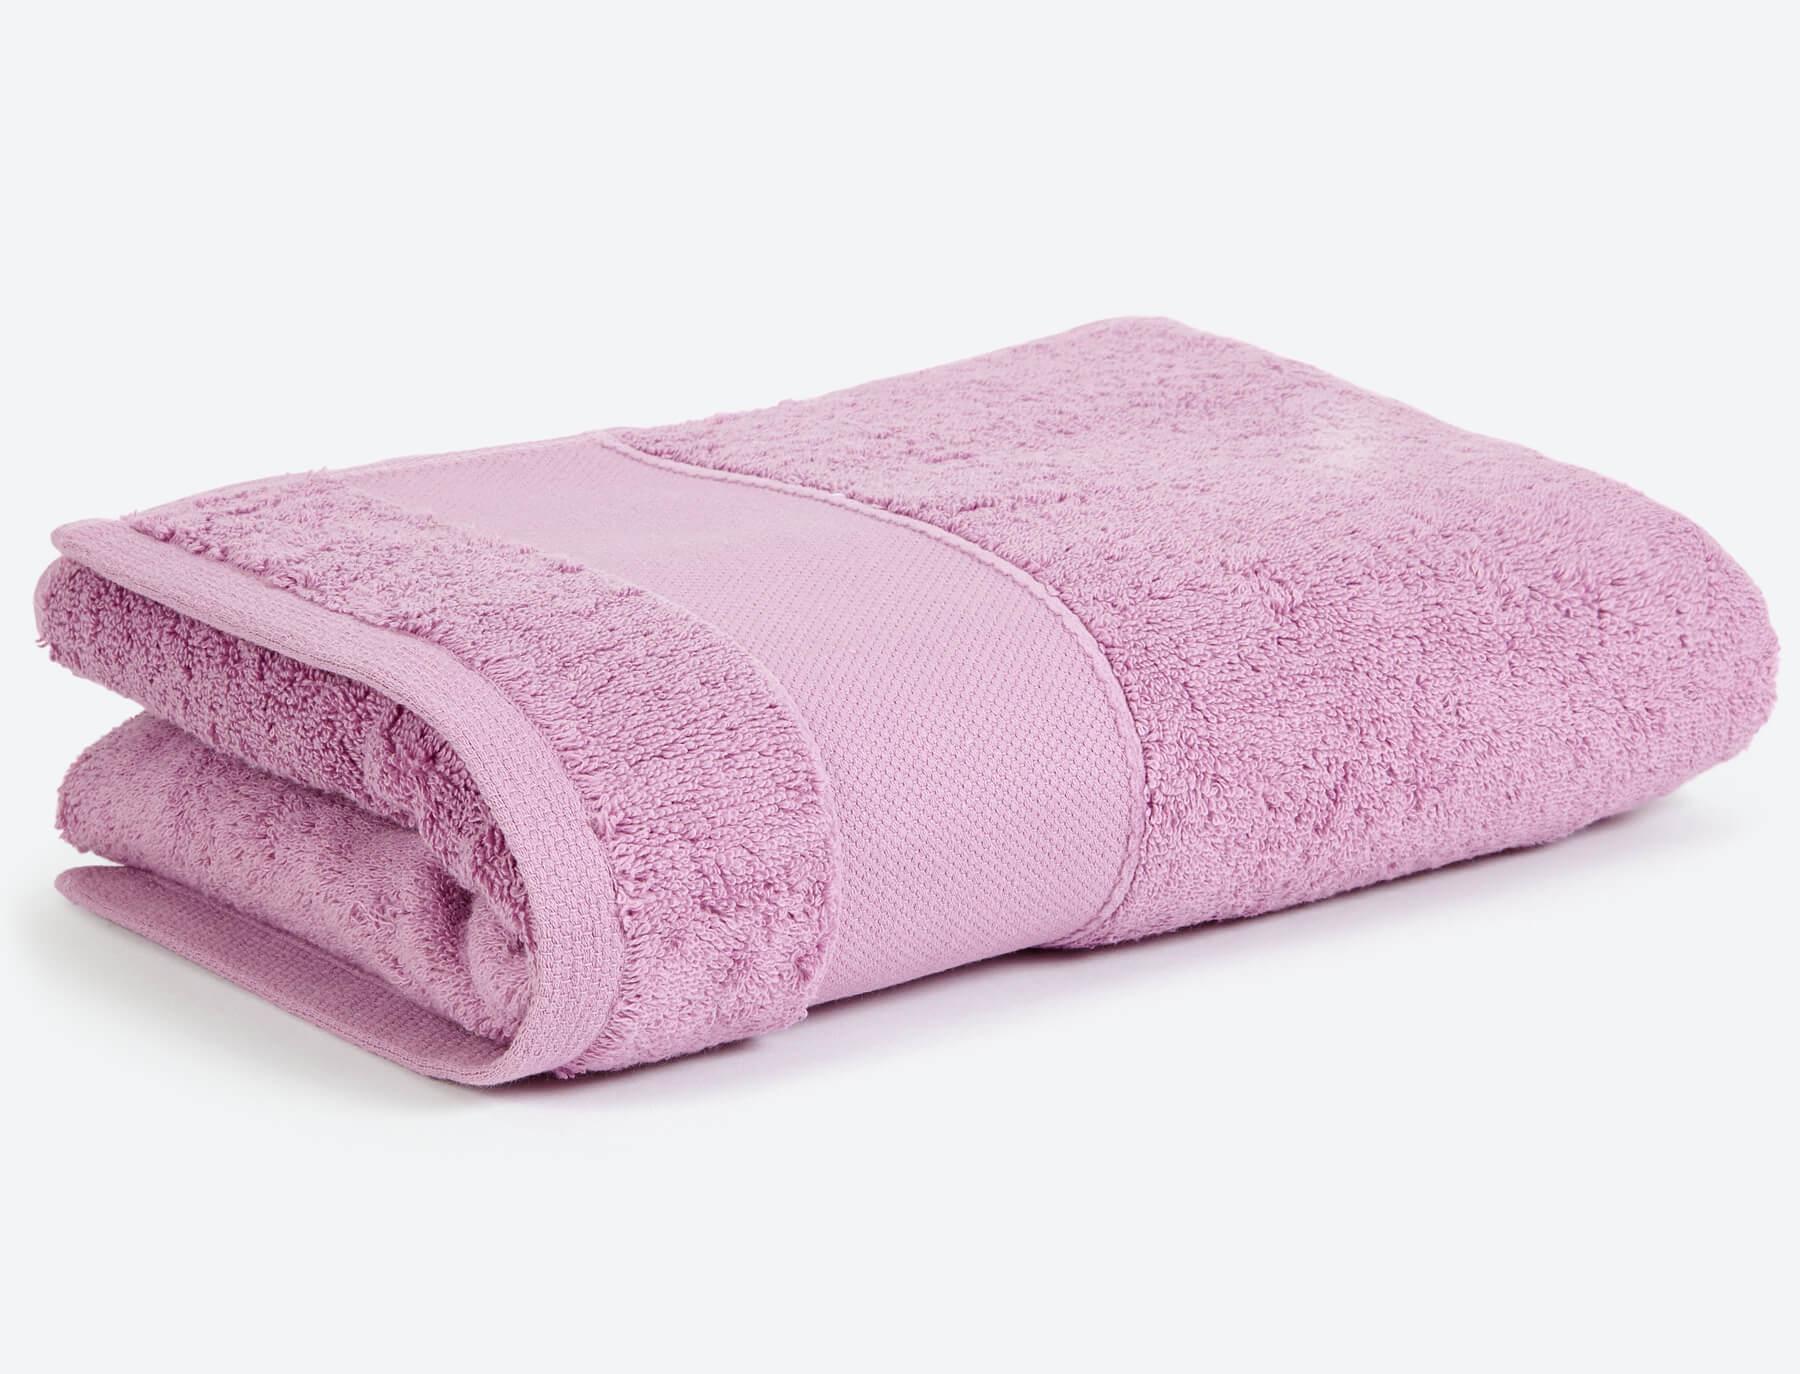 Badtextilien Entspannungsoase Baumwolle